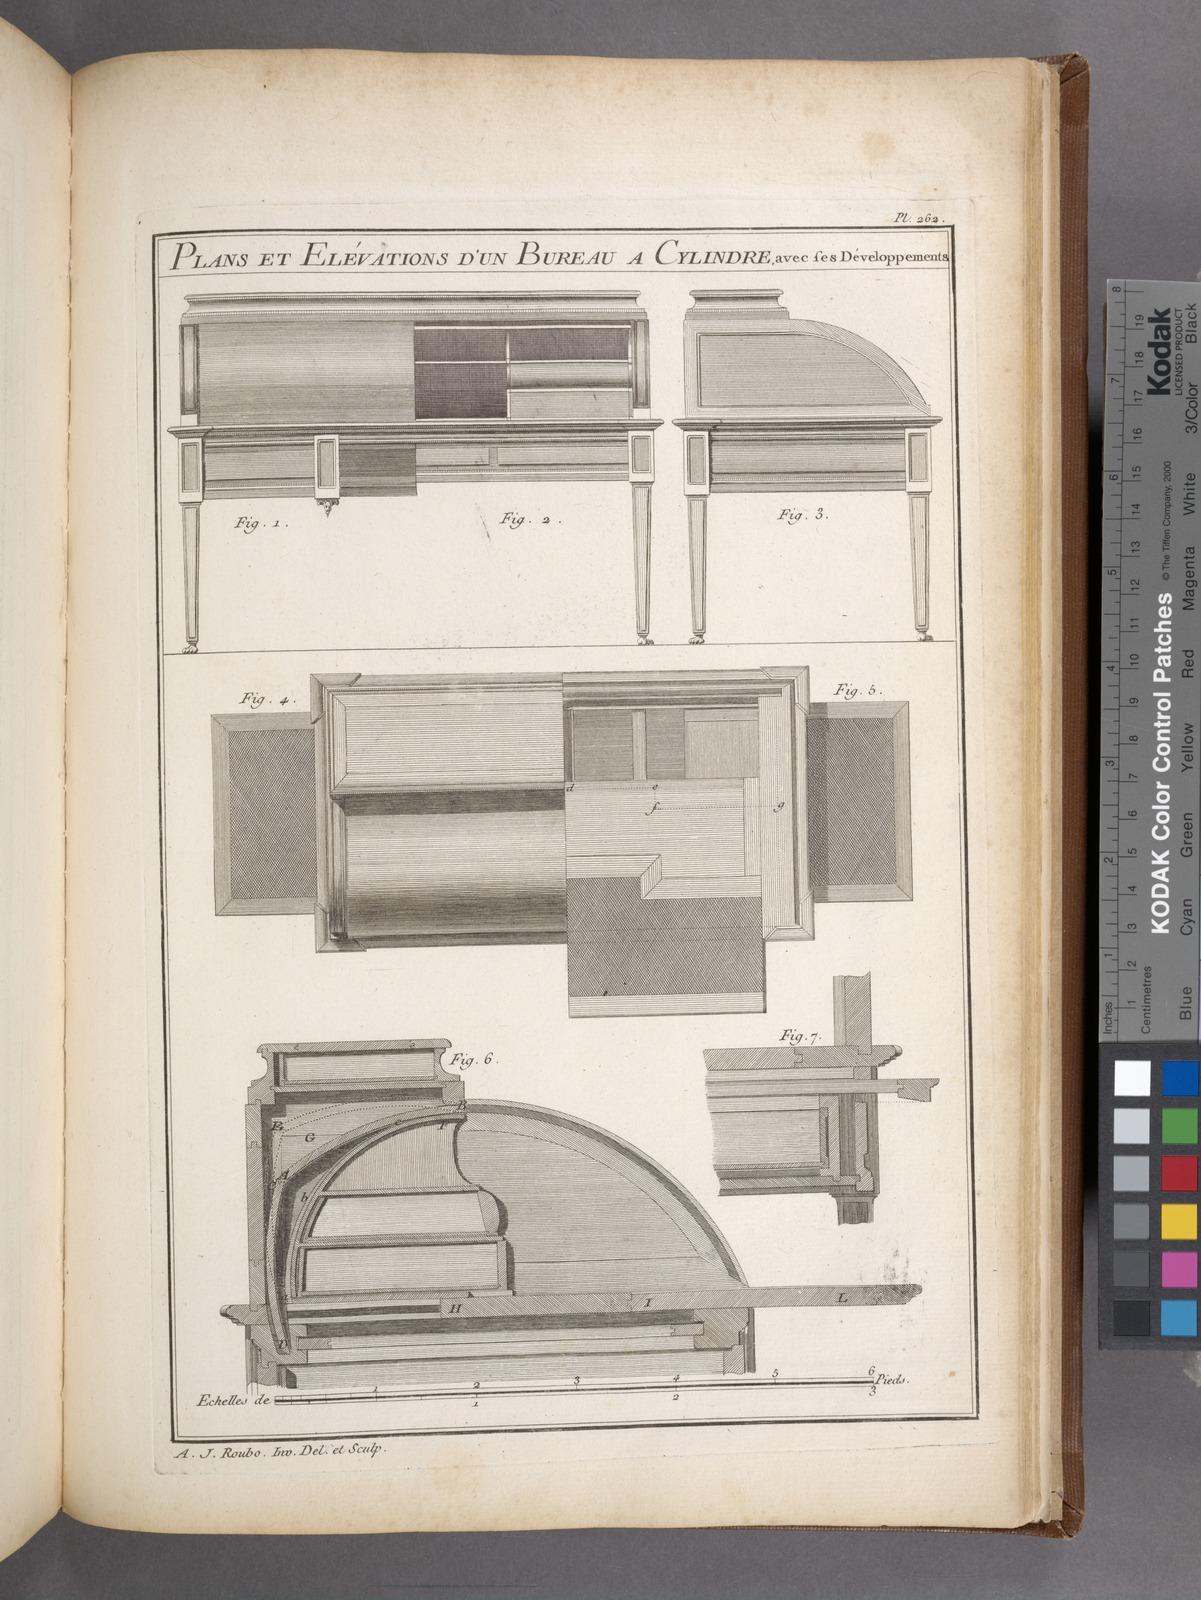 Plans et elévations d'un bureau a cylindre avec ses développements.